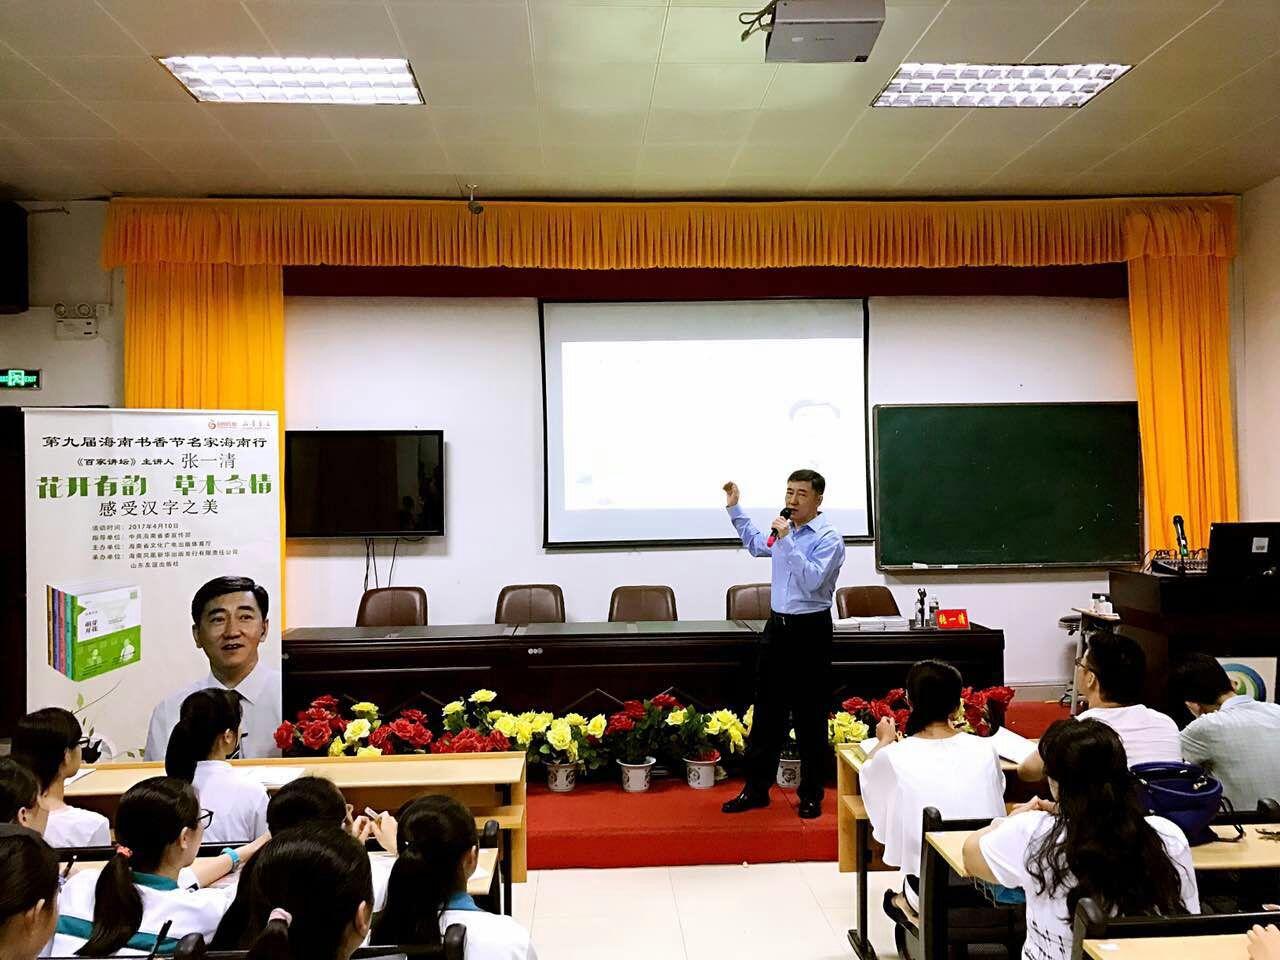 《中国汉字听写大会》文化嘉宾张一清教授来琼,以花草解读汉字魅力